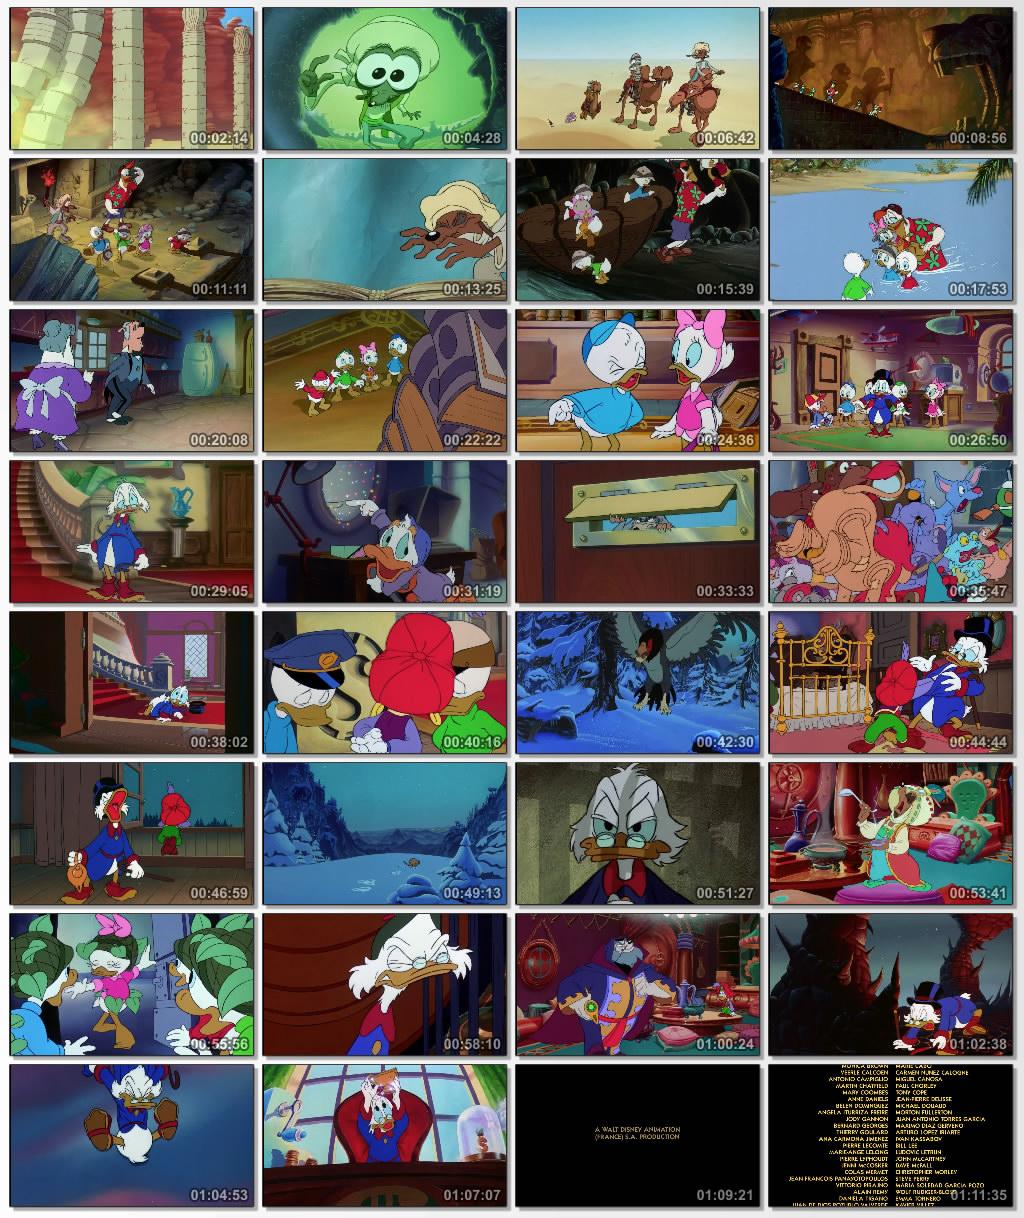 دانلود انیمیشن کارتونی DuckTales Treasure of the Lost Lamp 1990